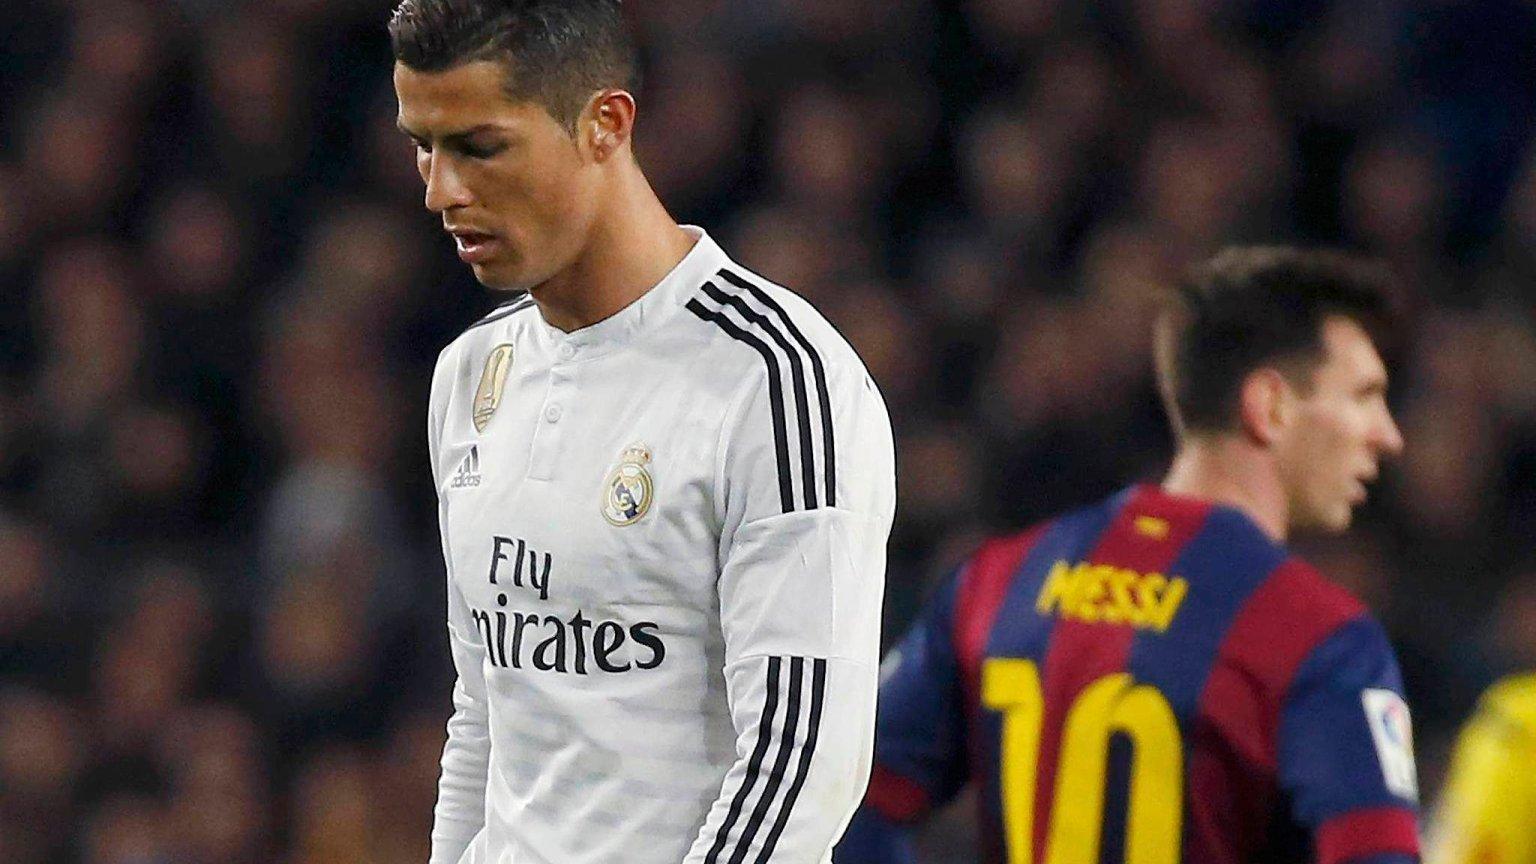 65adc878d Najlepiej sprzedające się koszulki w sezonie 2015/2016. Kto na szczycie?  SPOILER: Ronaldo poza podium! [RANKING] Piłka nożna - Sport.pl